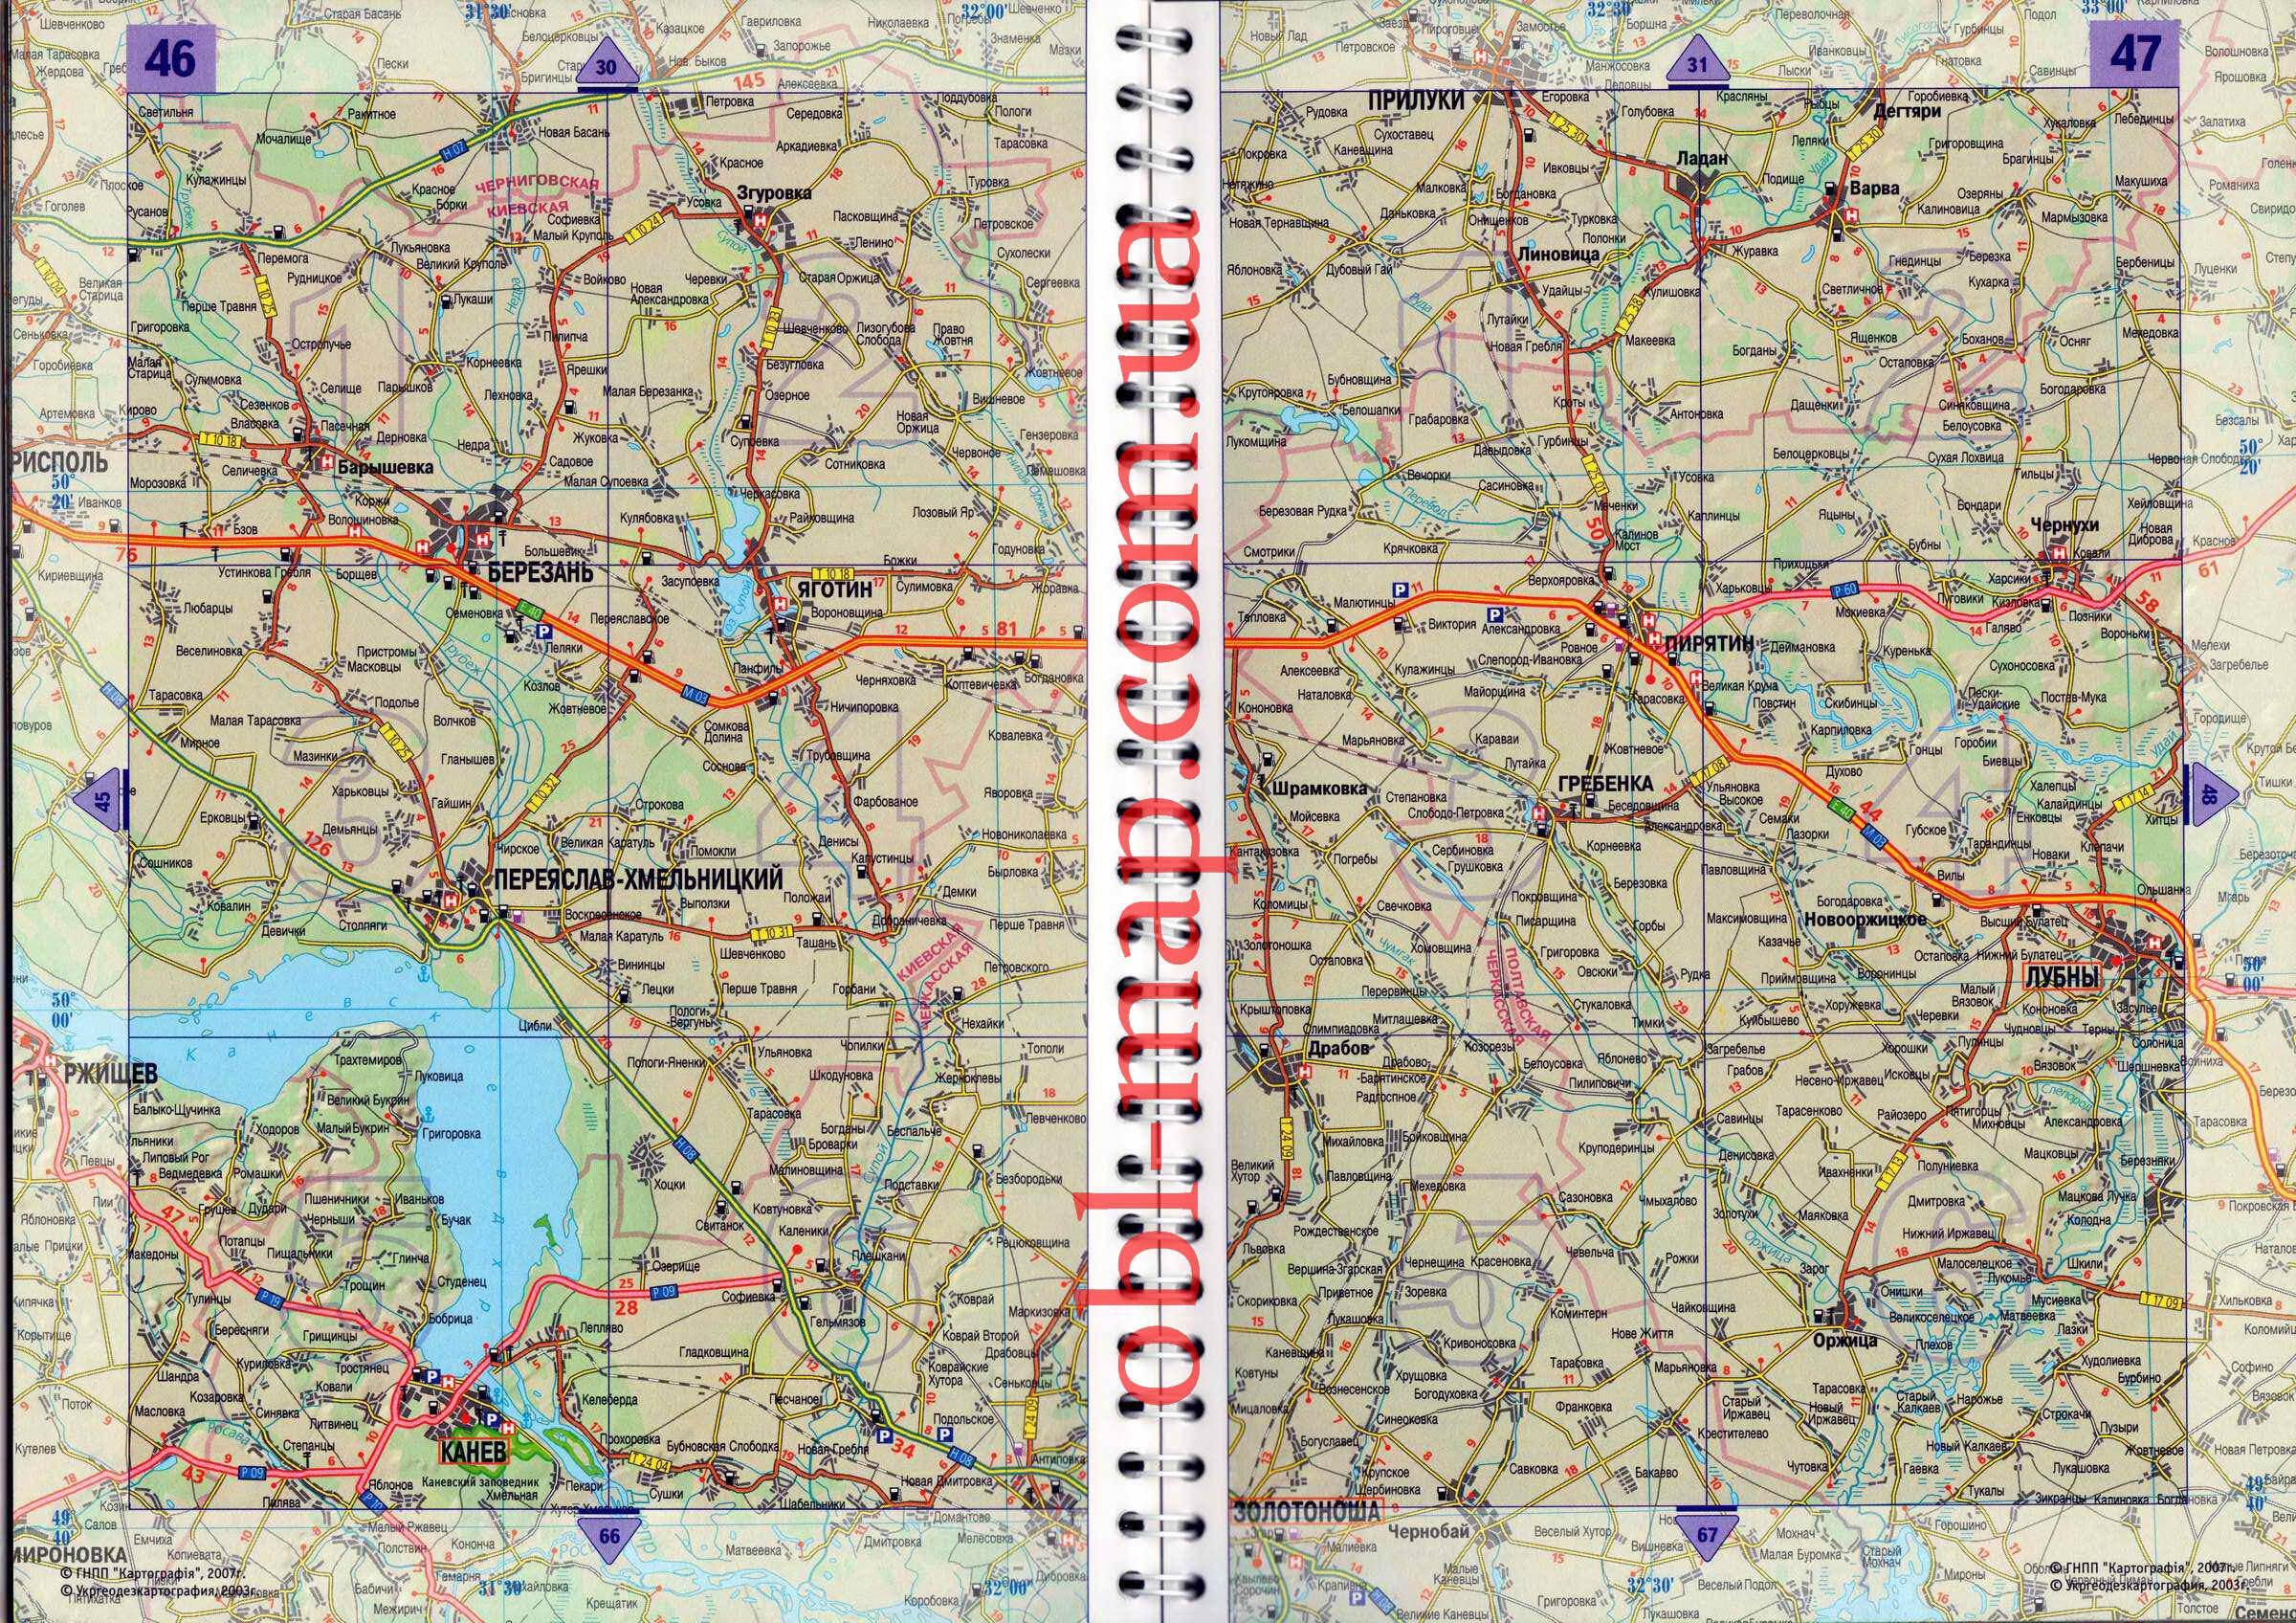 Карта Украины Автомобильная - blogzhow: http://blogzhow508.weebly.com/blog/karta-ukraini-avtomobiljnaya